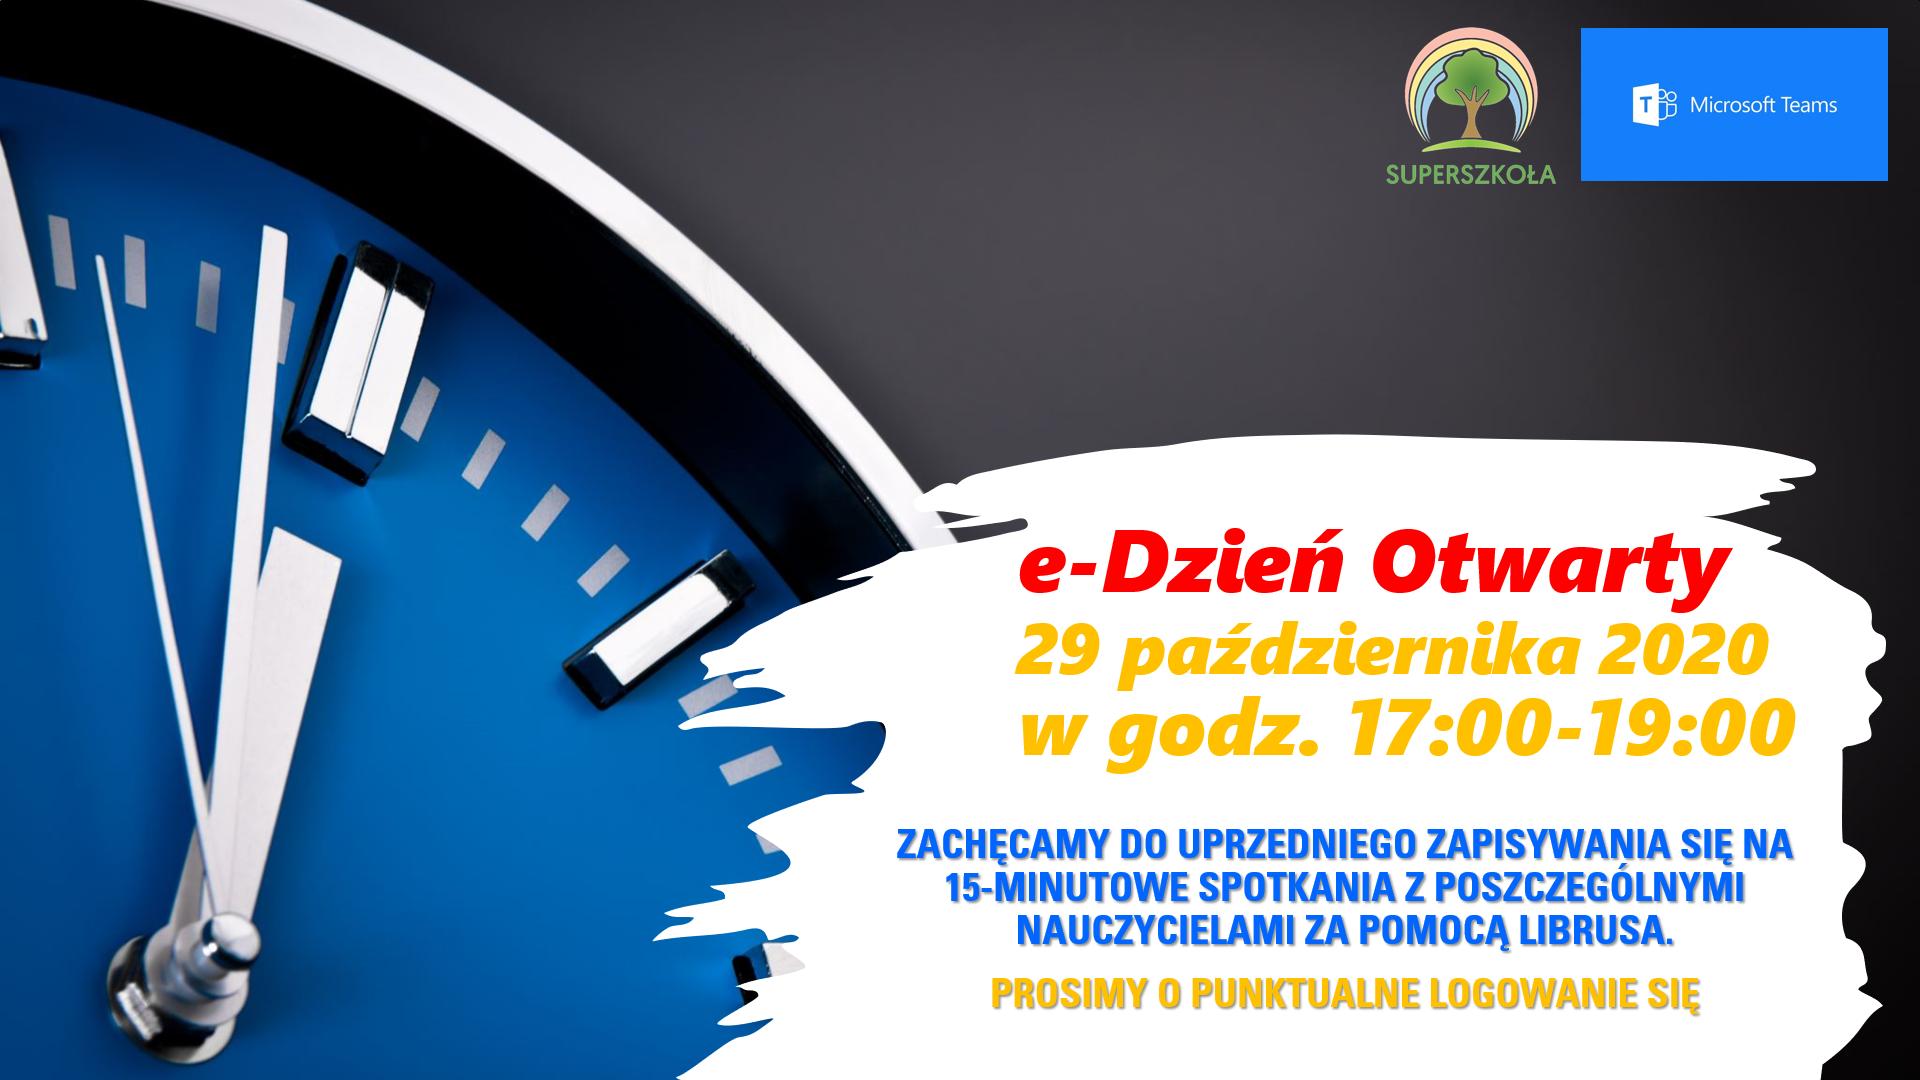 e-dzien_otwarty_10_2020